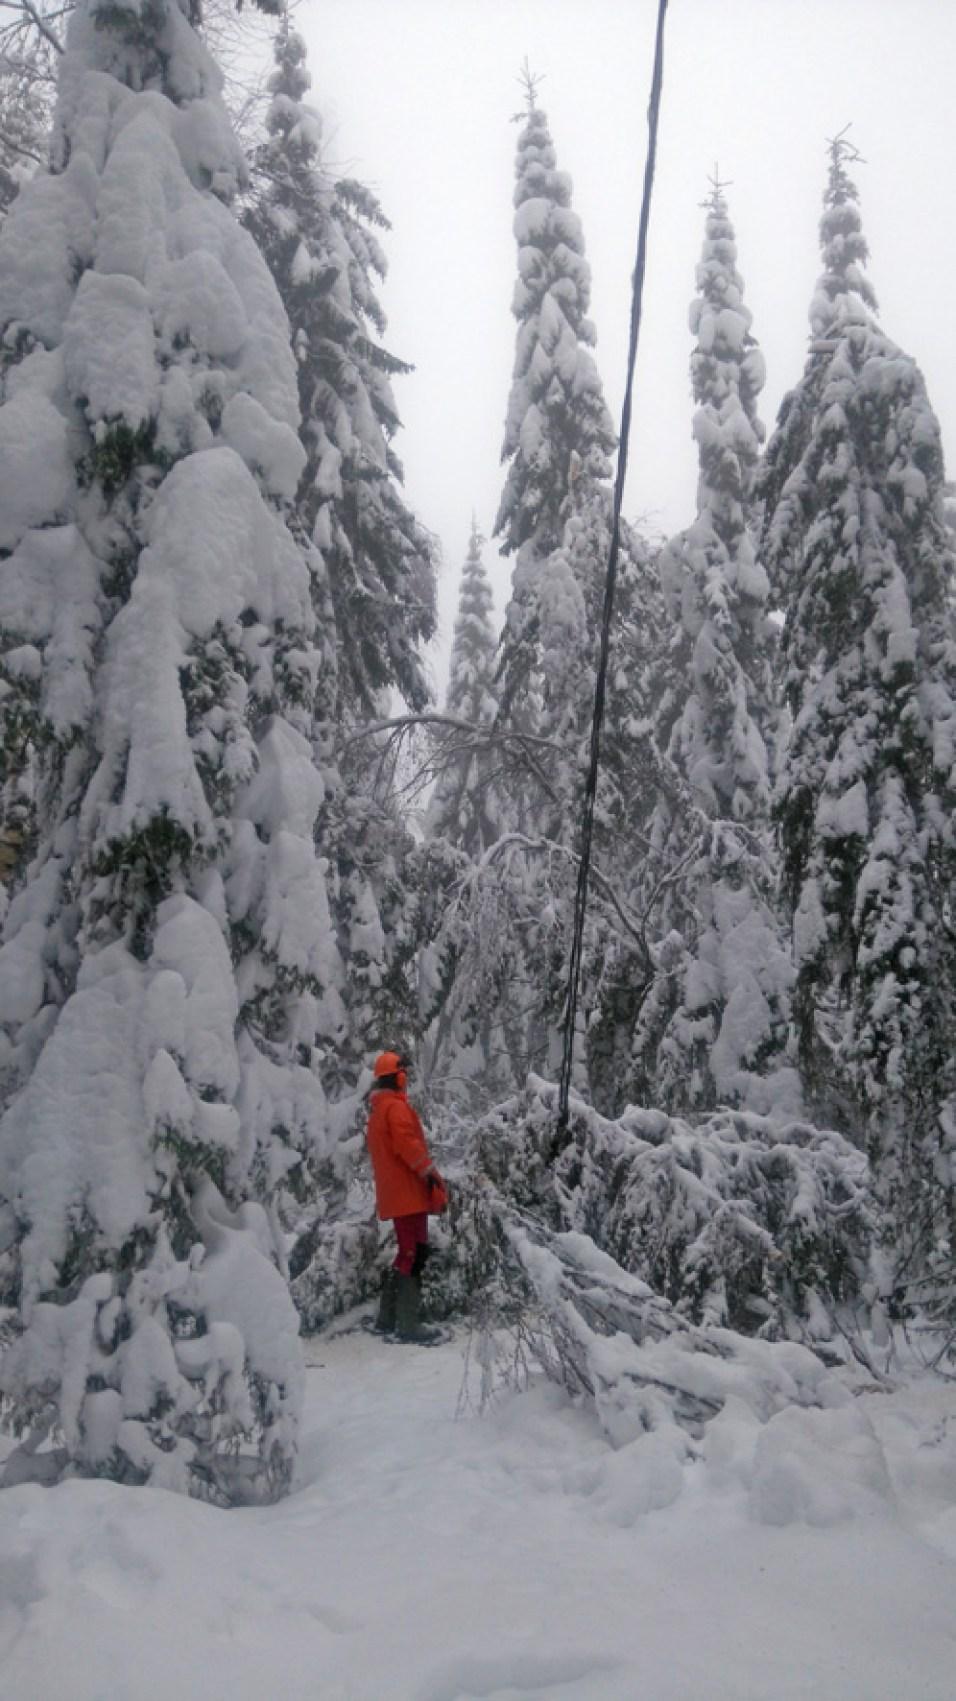 Linjanraivausta Kontiolahden Pyytivaaralla 22. joulukuuta. Kuva: Risto Tahvanainen, Enerke Oy